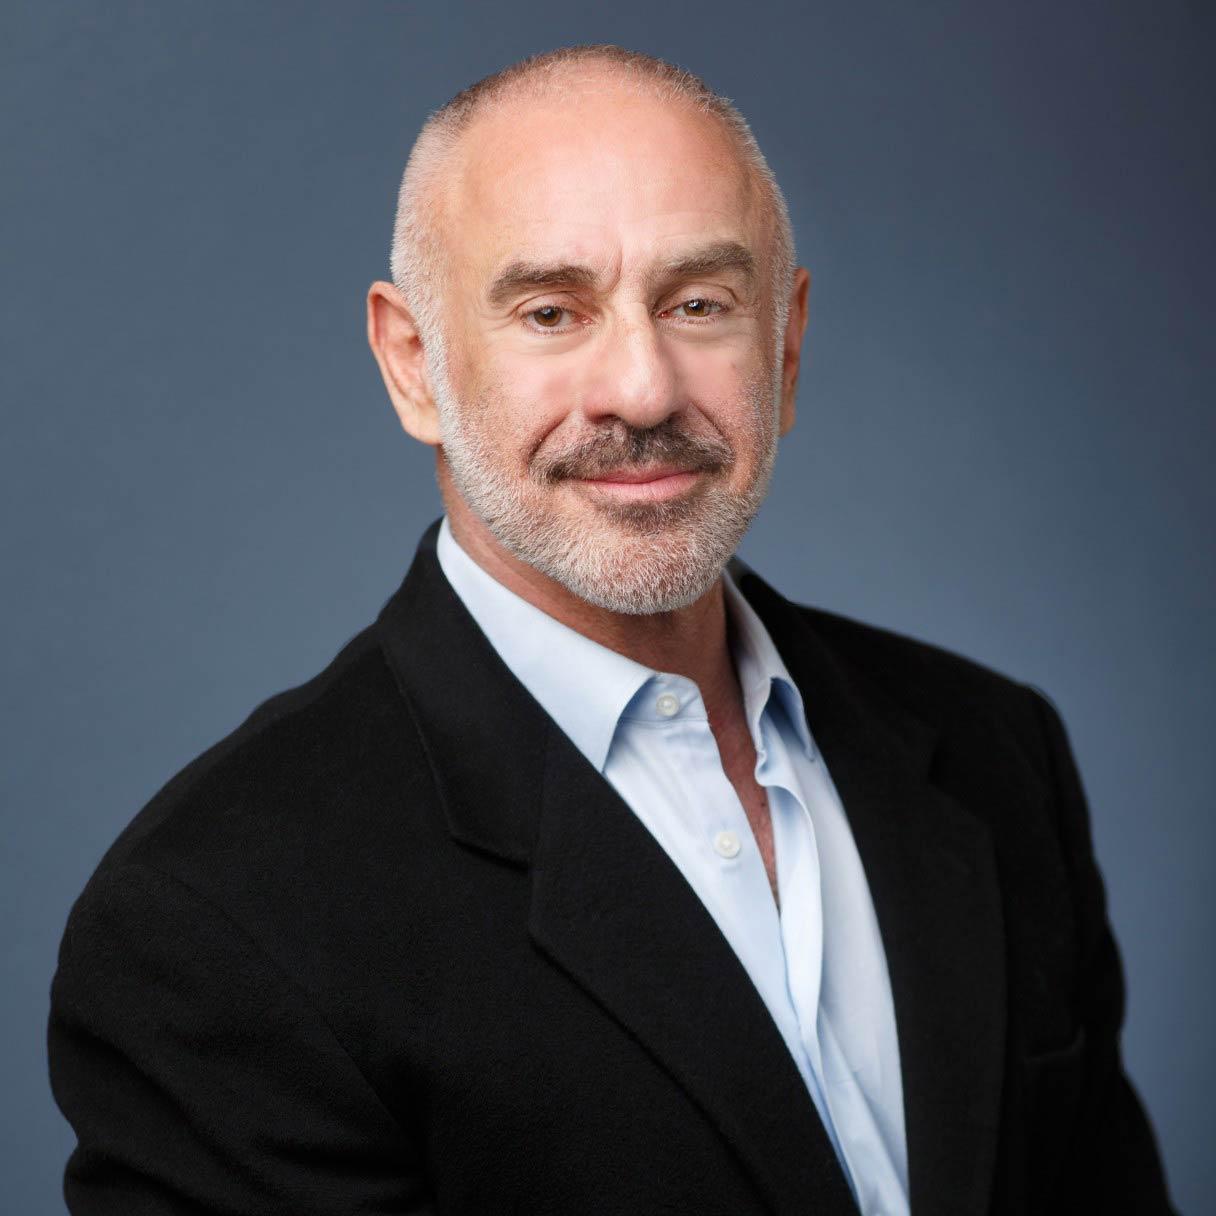 Dr. Jerry Klein